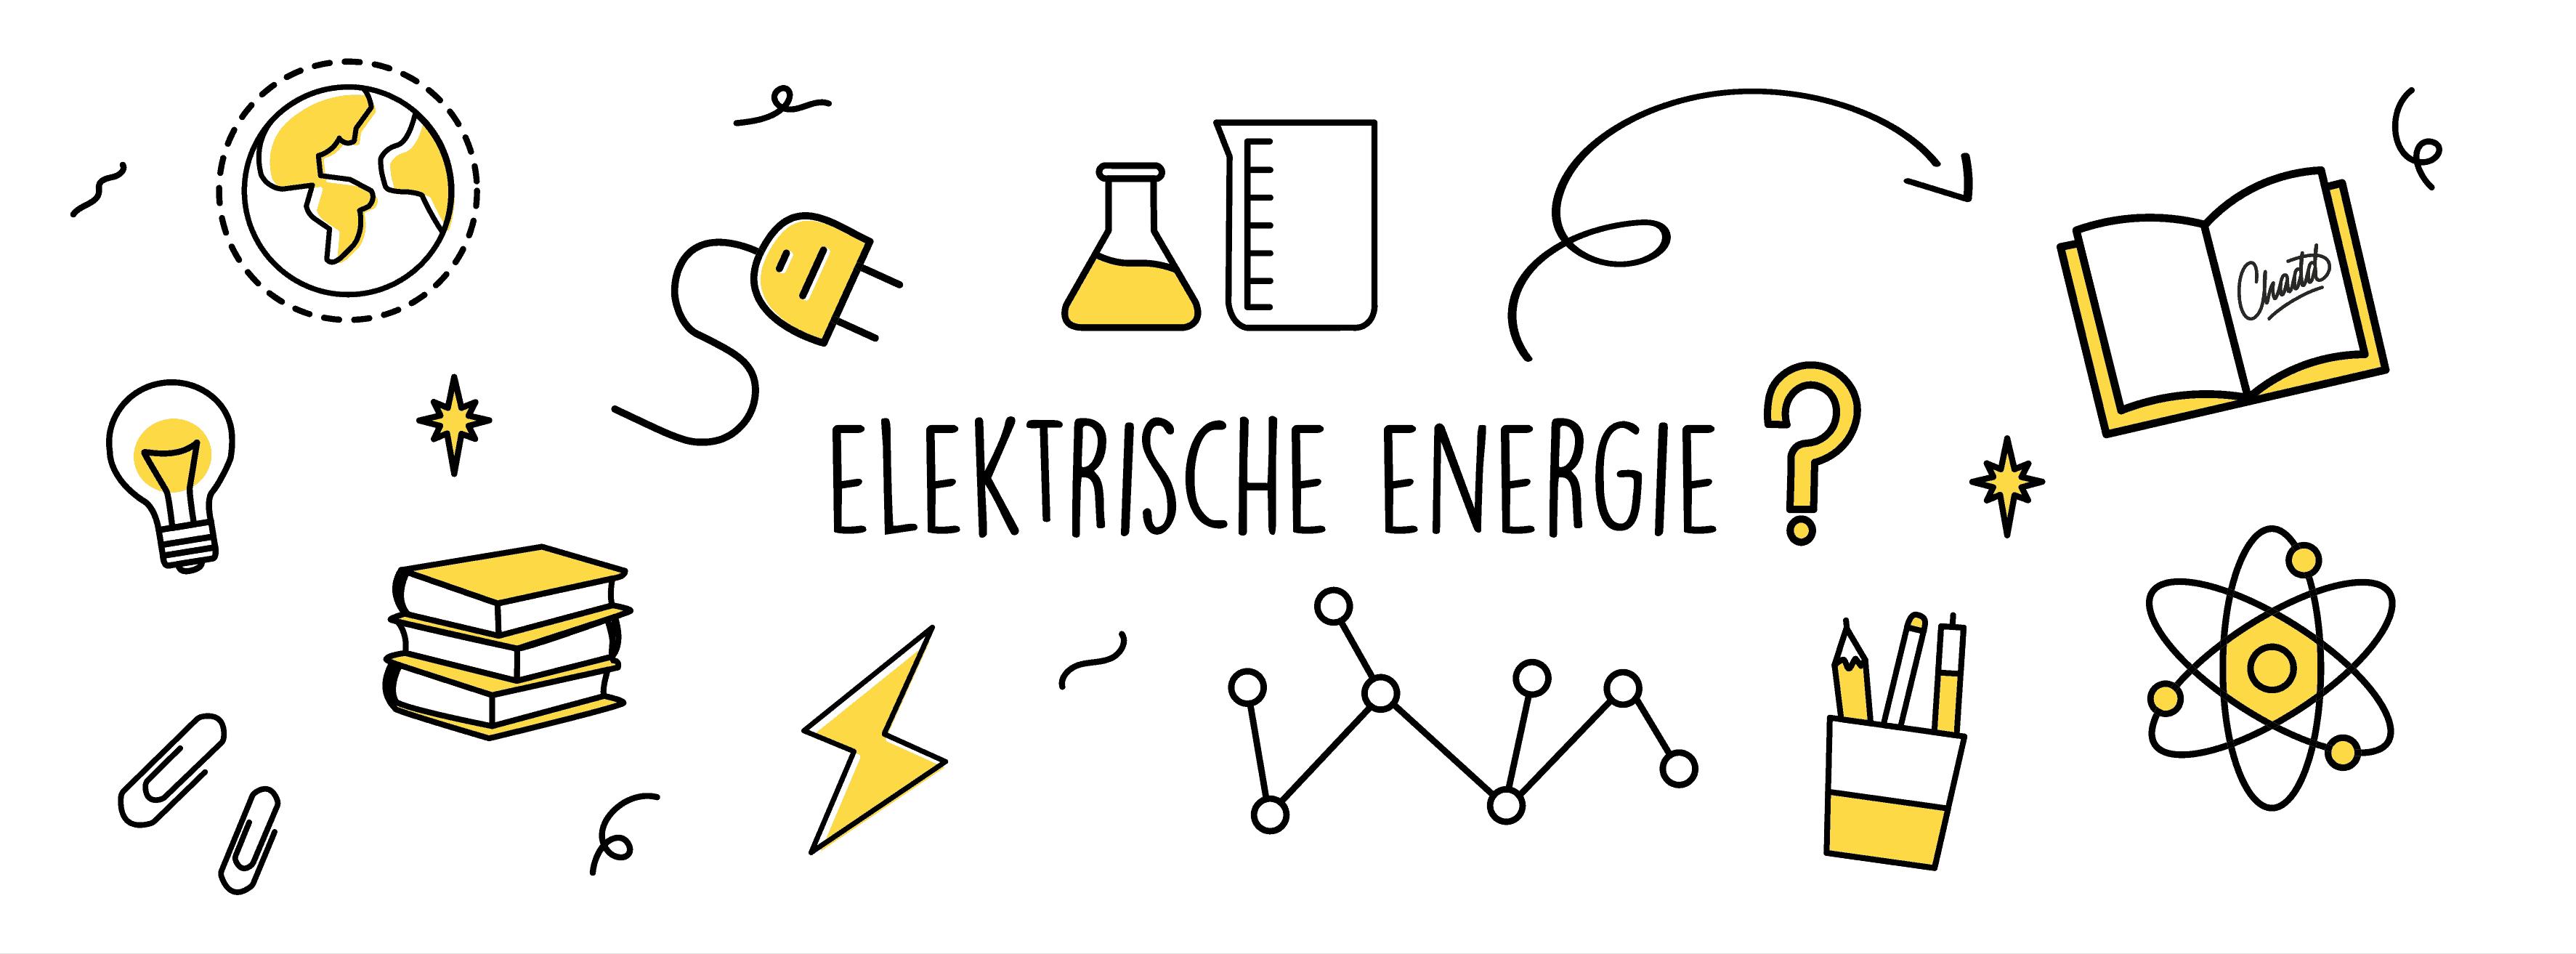 Elektrische Energie Hoe Kan Je Ermee Rekenen Mr Chadd Academy